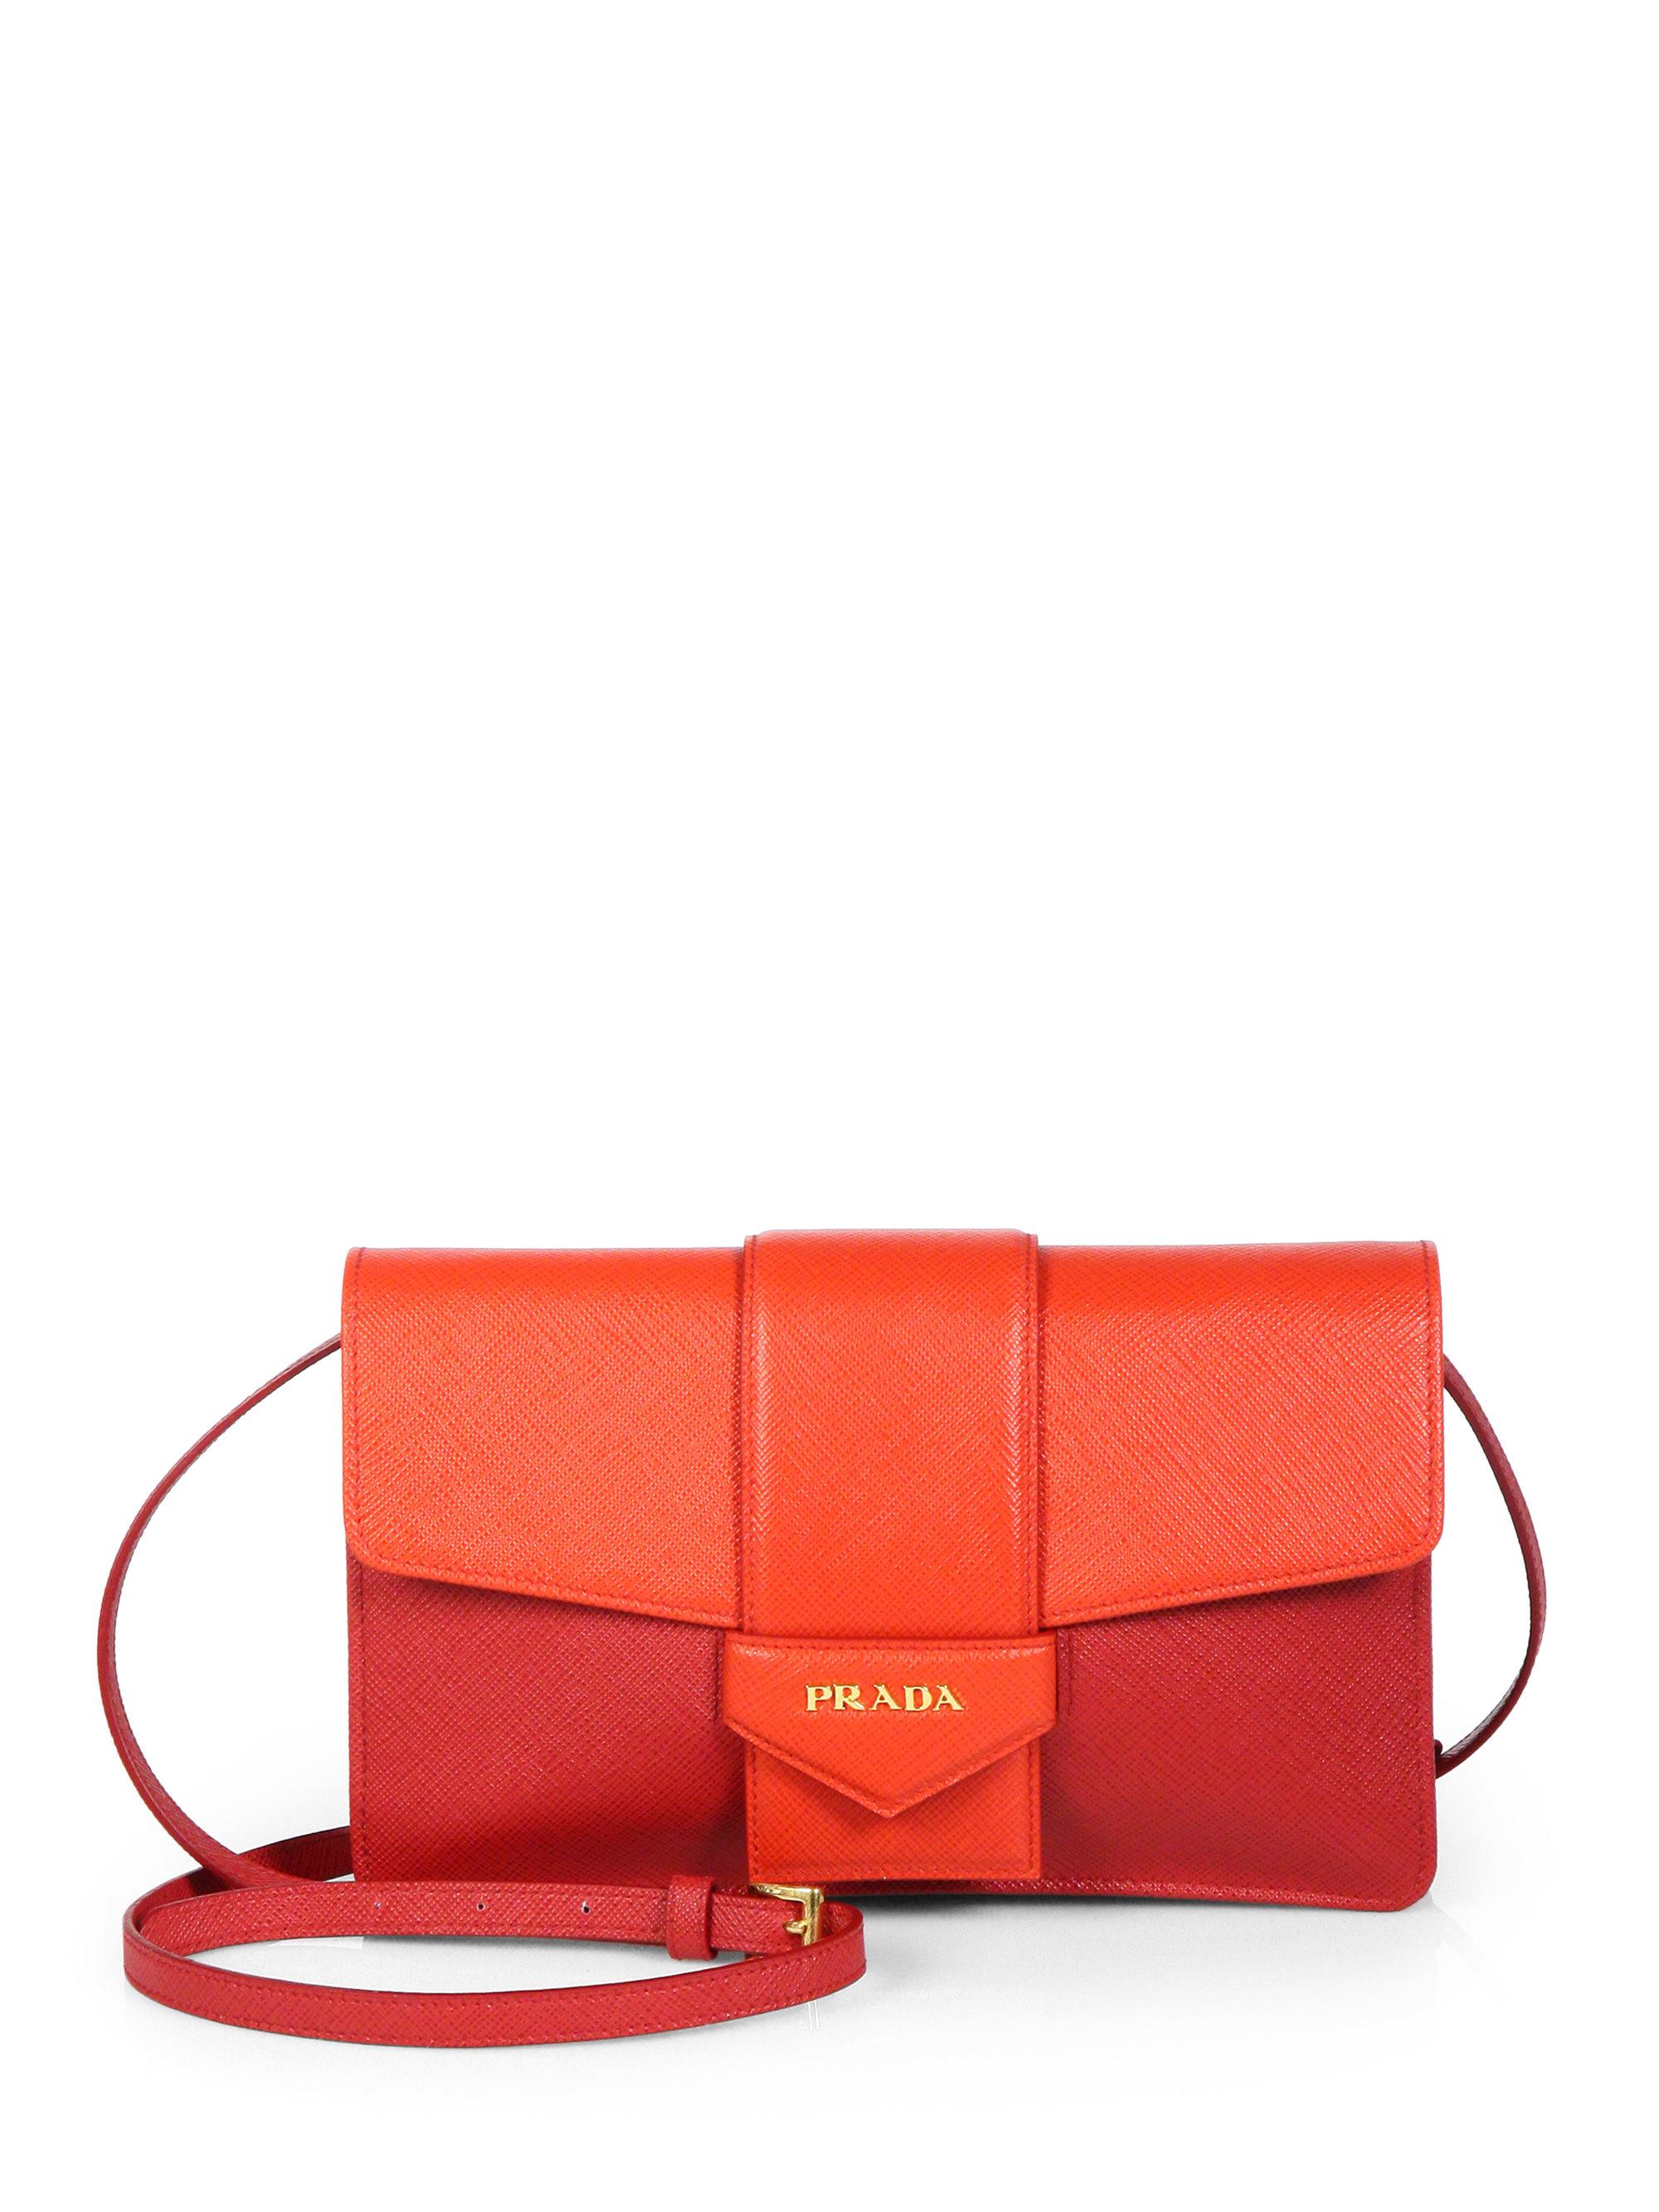 3c4ee0c6d416 ... switzerland lyst prada saffiano bicolor crossbody wallet in red f1fc3  69078